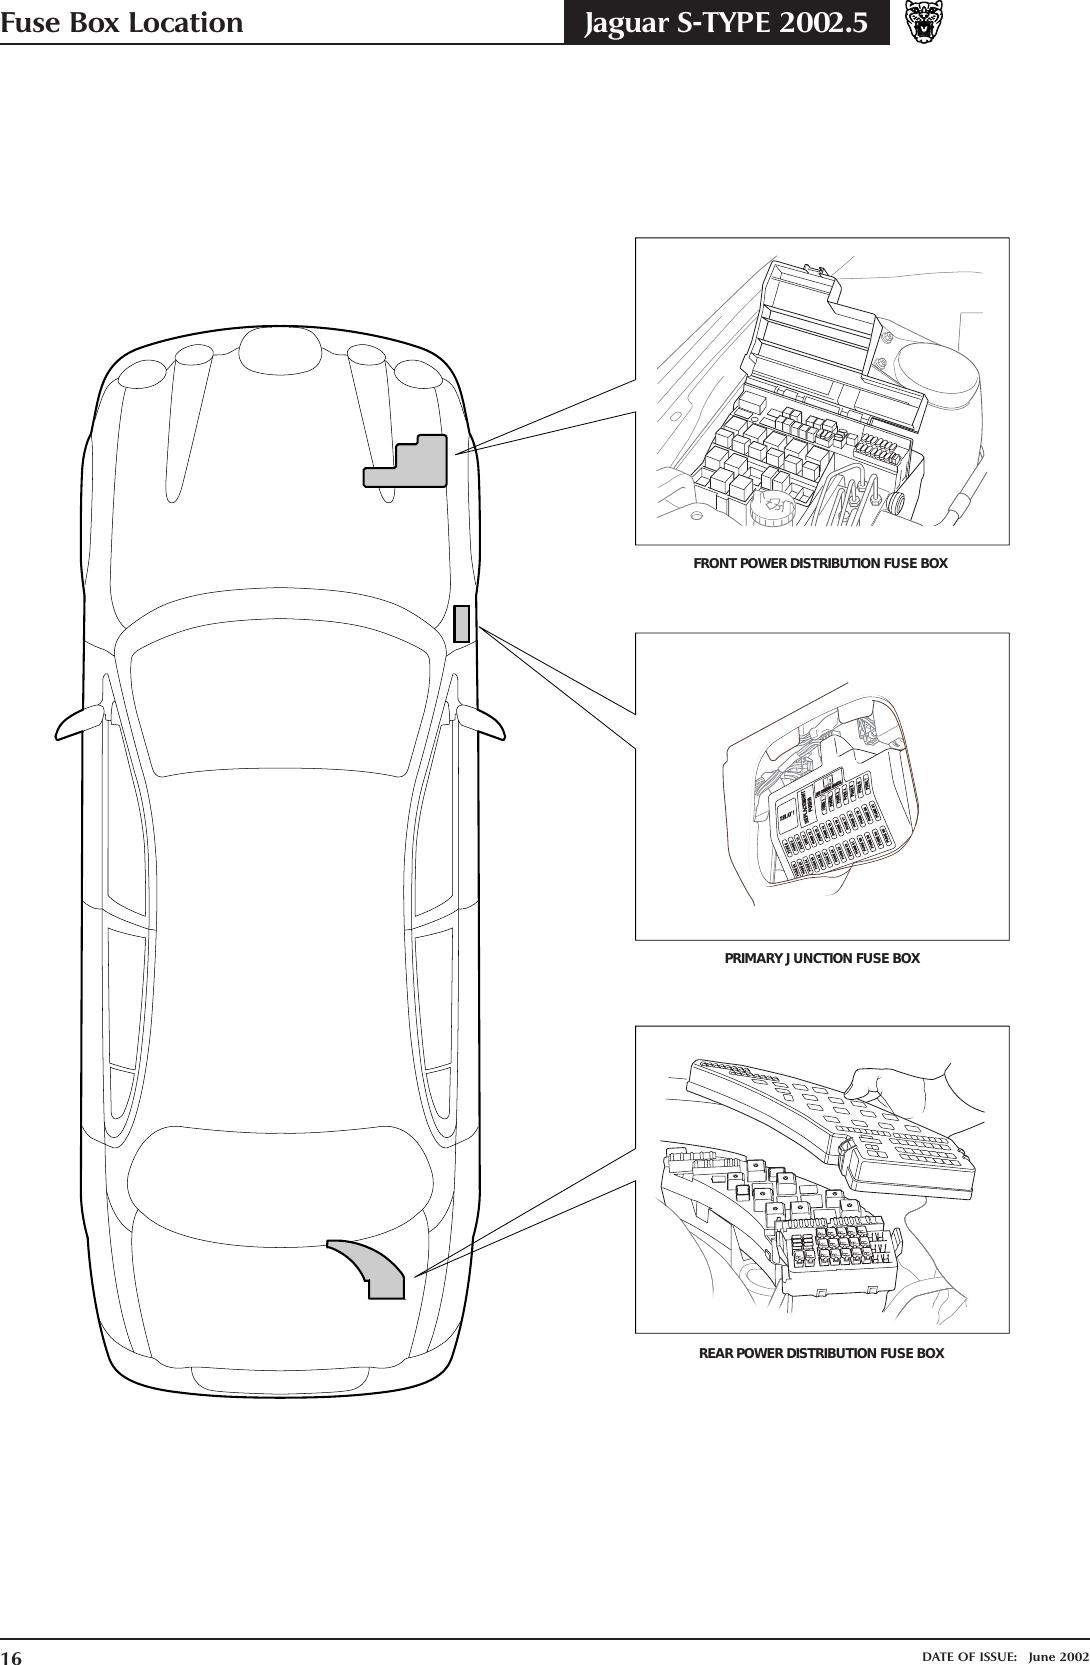 DIAGRAM] 2002 Jaguar S Type Fuse Box Diagram Penger FULL Version HD Quality Diagram  Penger - PRESENTDIAGRAM.INK3.ITInk3